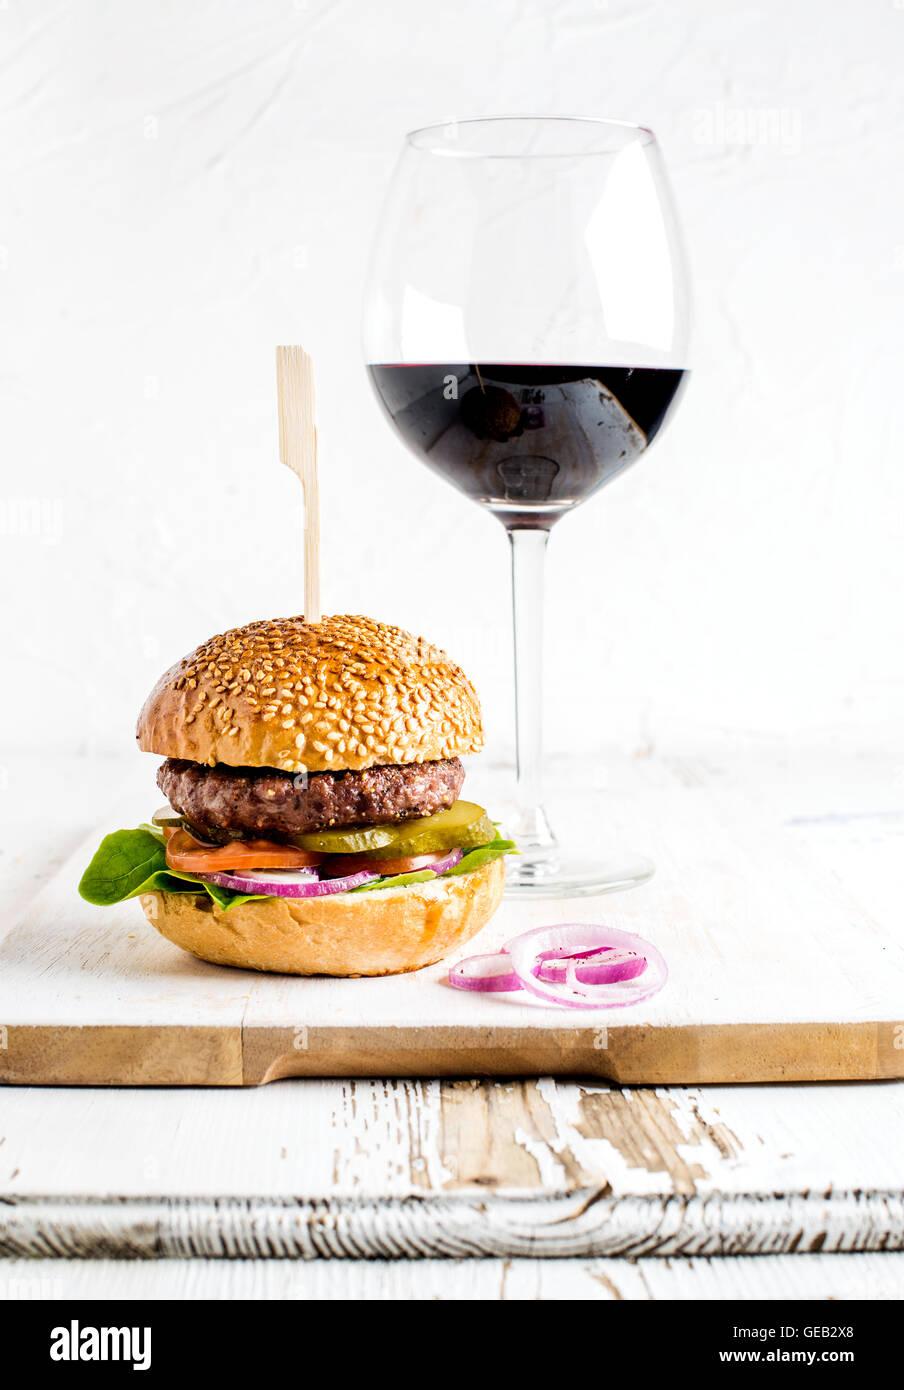 Fresca hamburger fatti in casa in legno che serve la scheda con anelli di cipolla e un bicchiere di vino rosso Immagini Stock